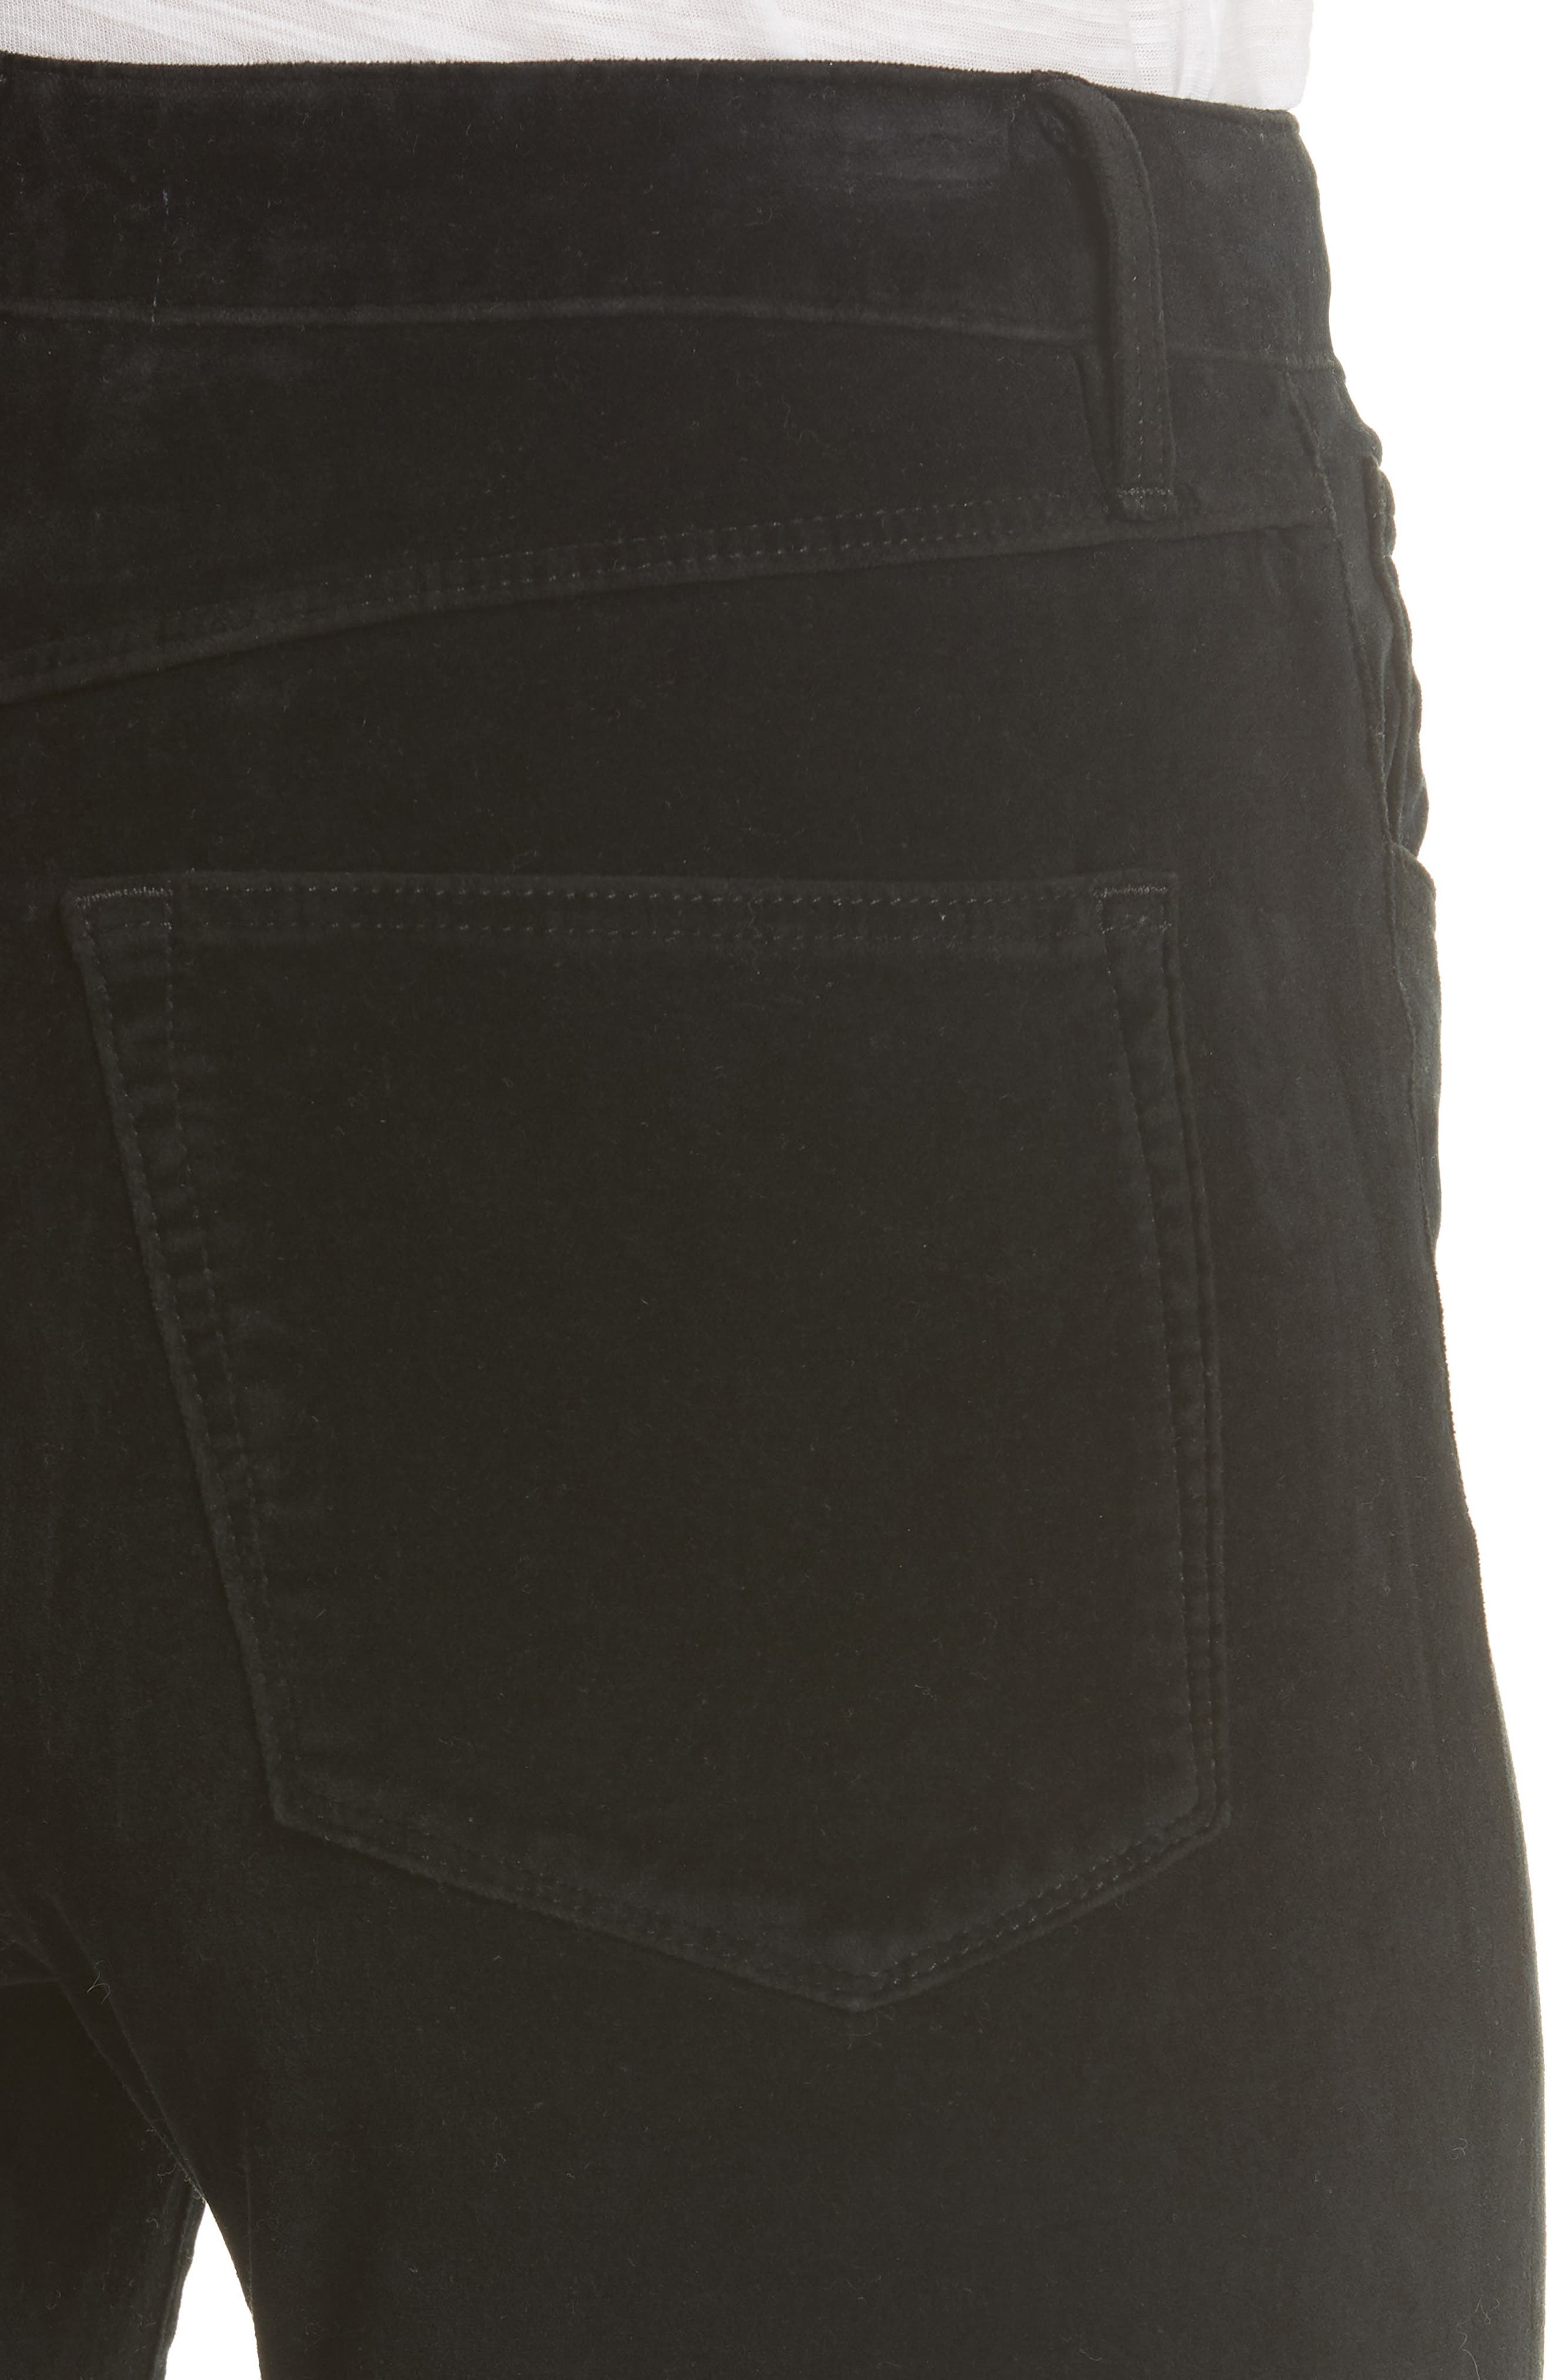 W3 Higher Ground Mini Split Ankle Velvet Jeans,                             Alternate thumbnail 4, color,                             EBONY EBONY